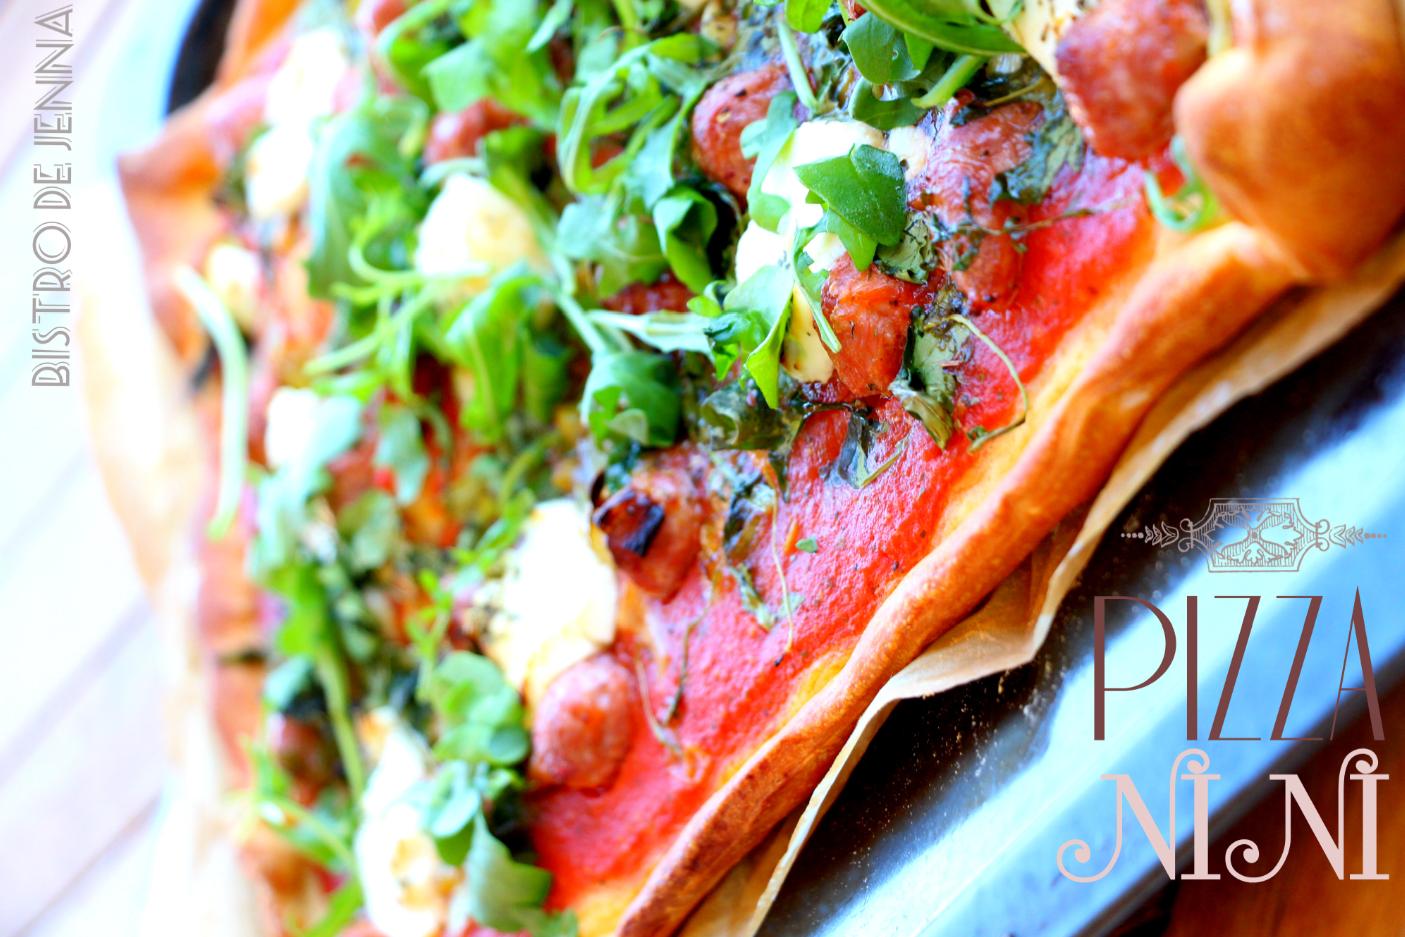 Ma Cuisine Vos Envies pizza nini | recette, recette pizza et alimentation